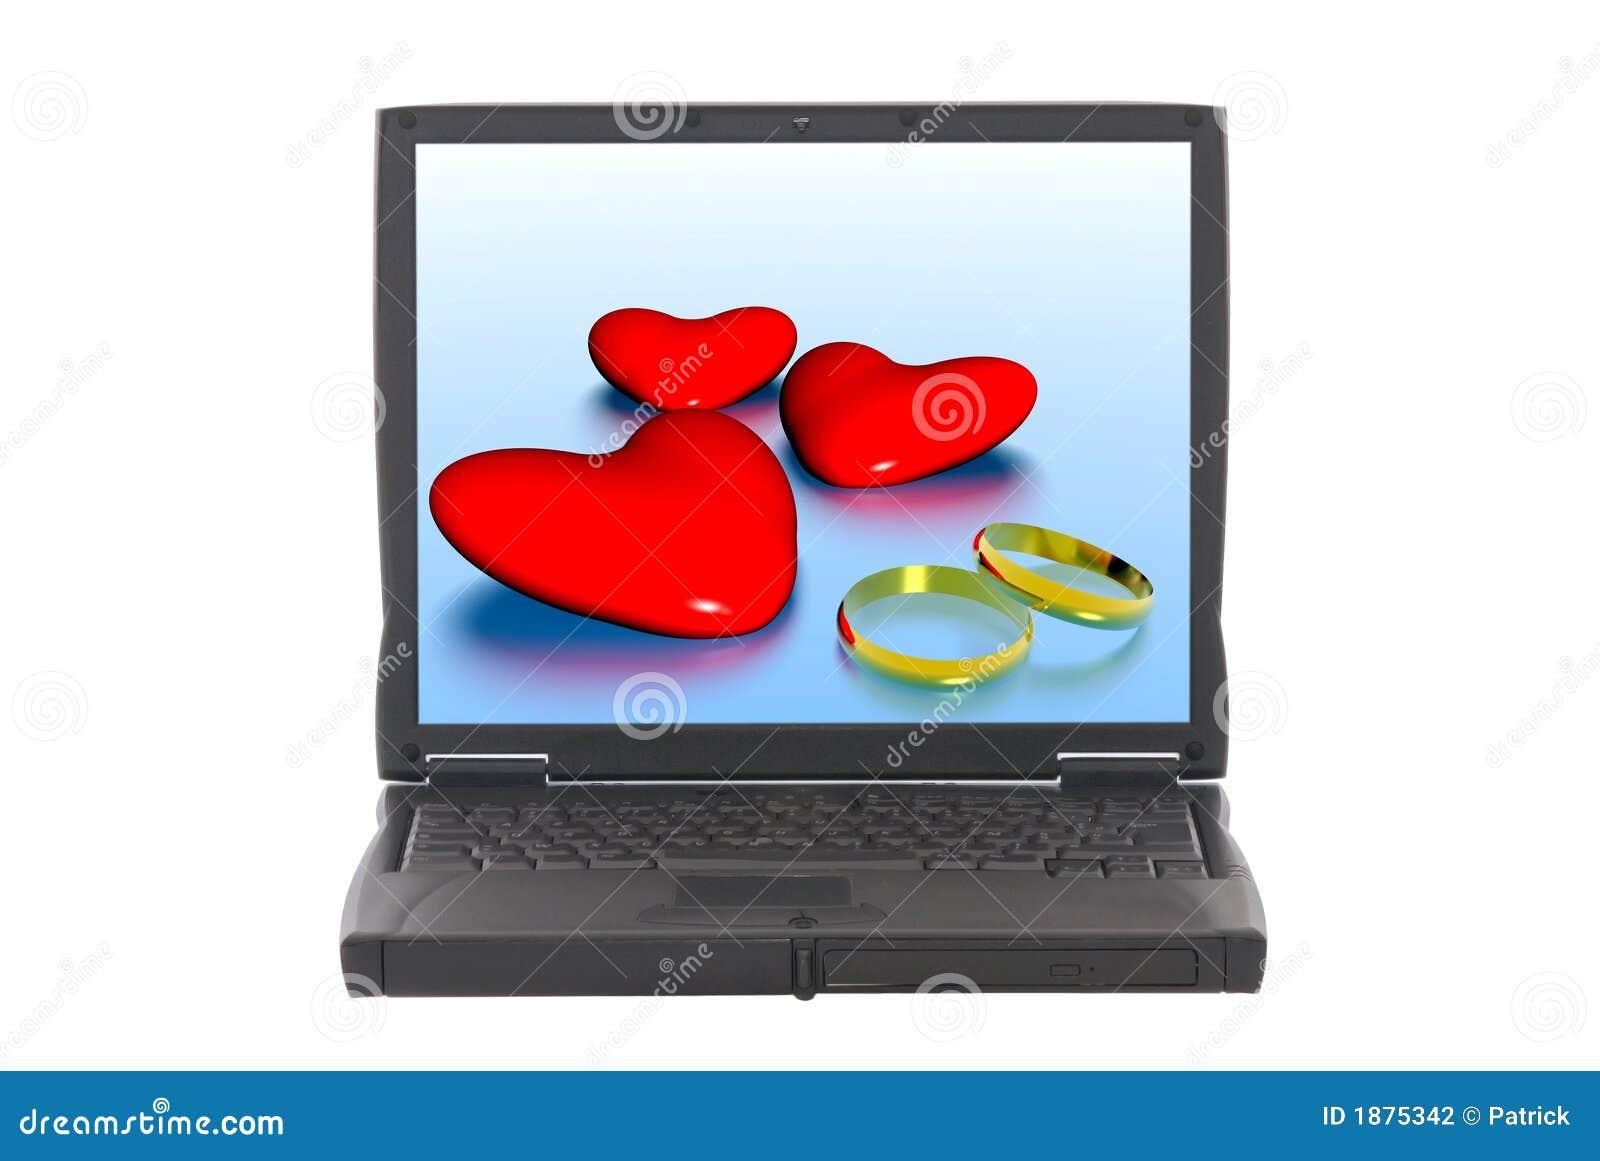 Online dating valentines